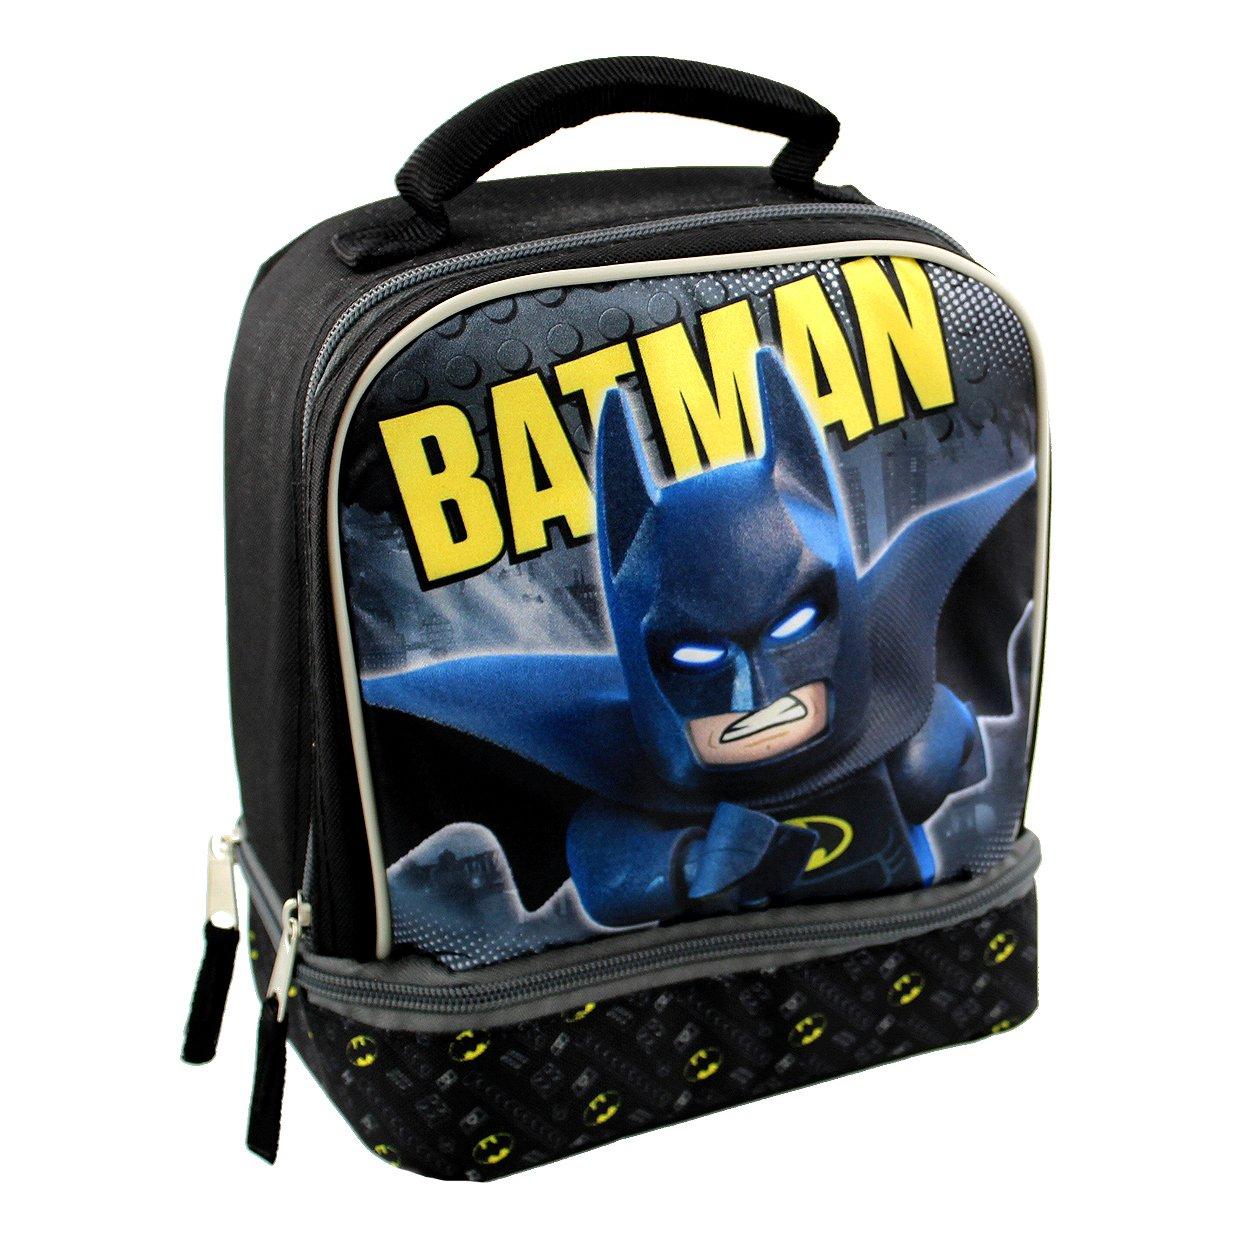 Lego Batman Dual Compartment Soft Lunch Box (Black/Grey)